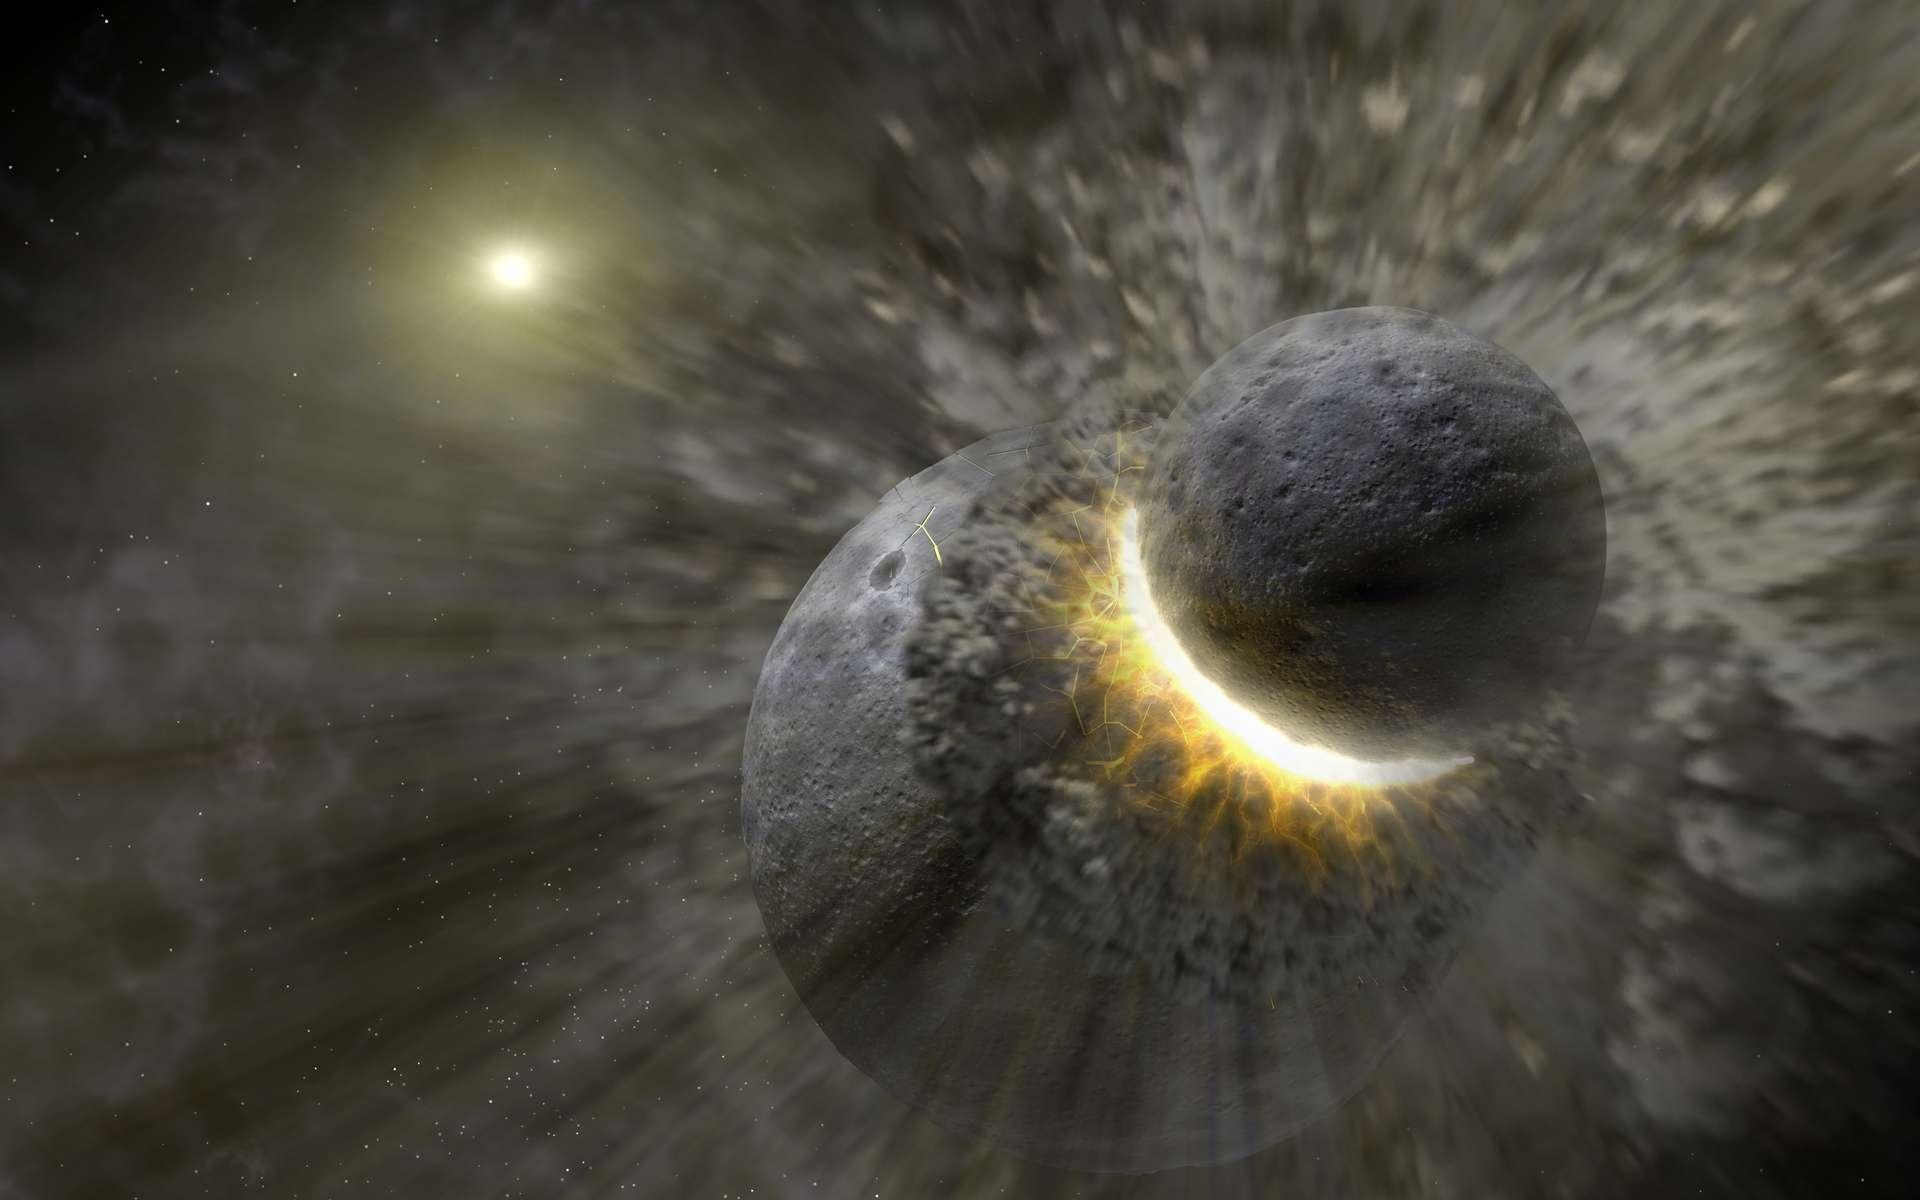 Une collision comme il s'en produit fréquemment dans les systèmes planétaires en formation, quand les poussières ont commencé à s'agréger en planètes. Le système Bêta Pictoris en est à ce stade. © Nasa, JPL, Caltech, T. Pyle (SSC), domaine public